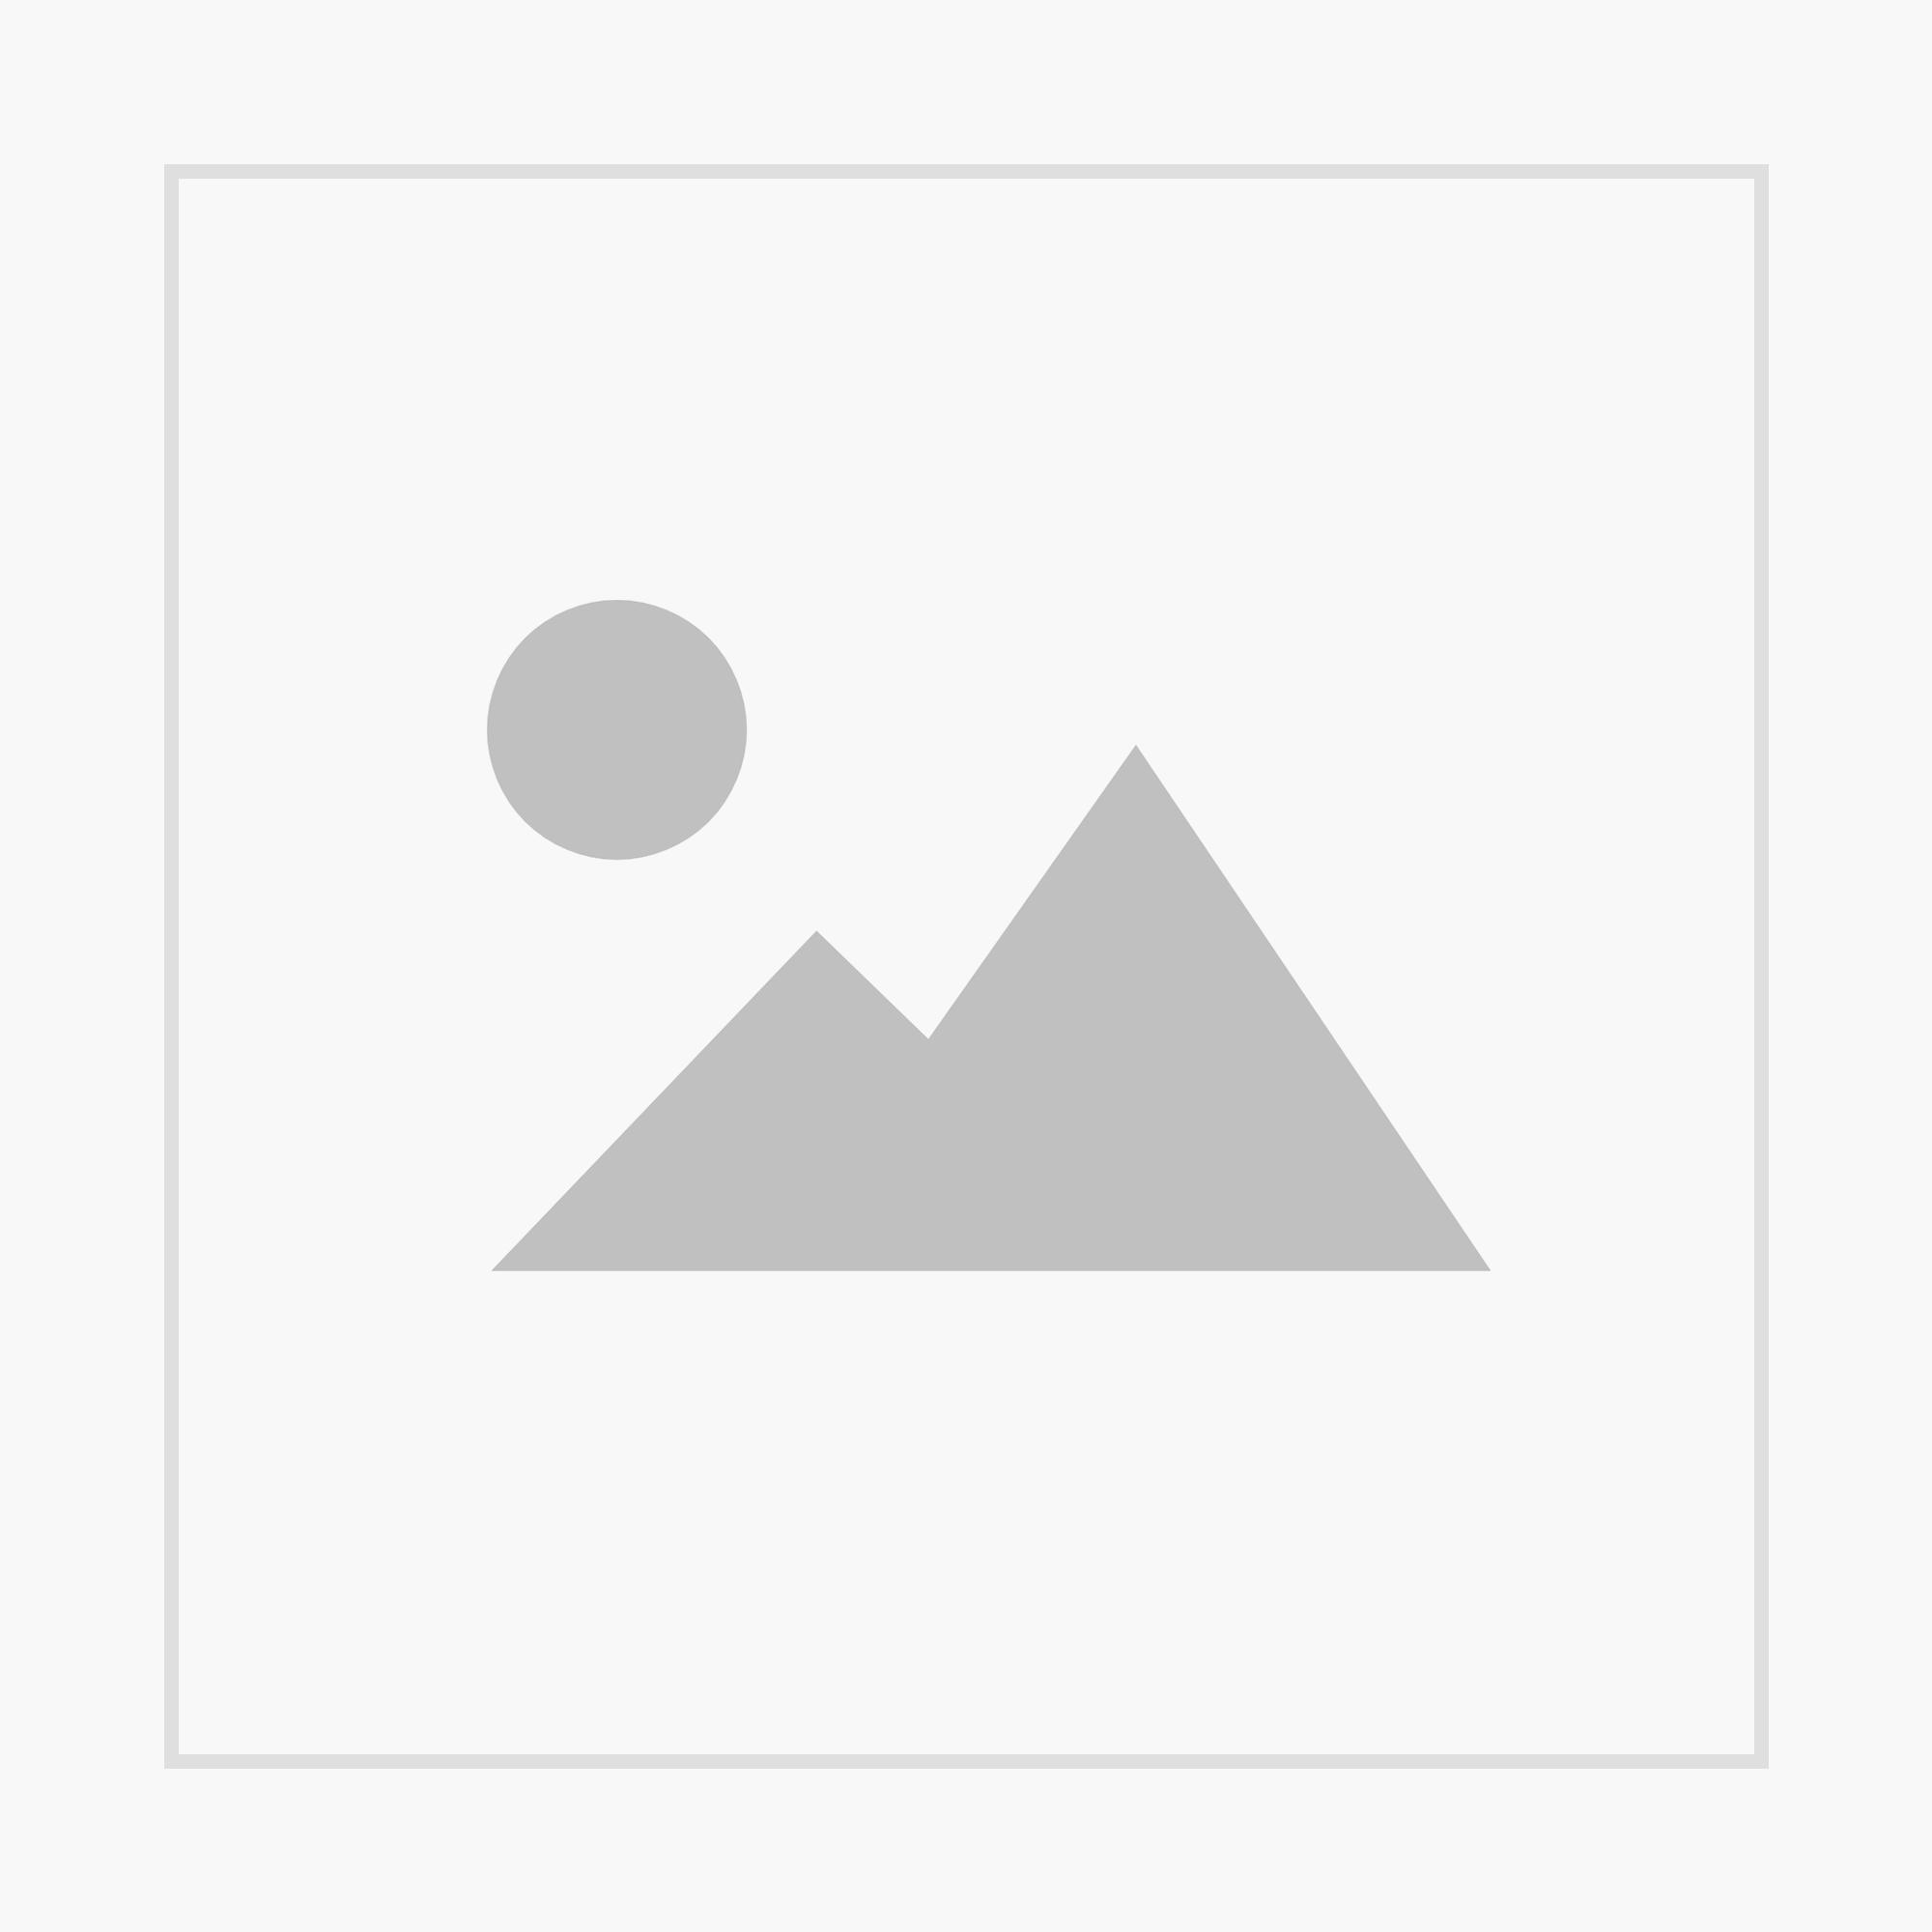 hygge 2 (2/2017)